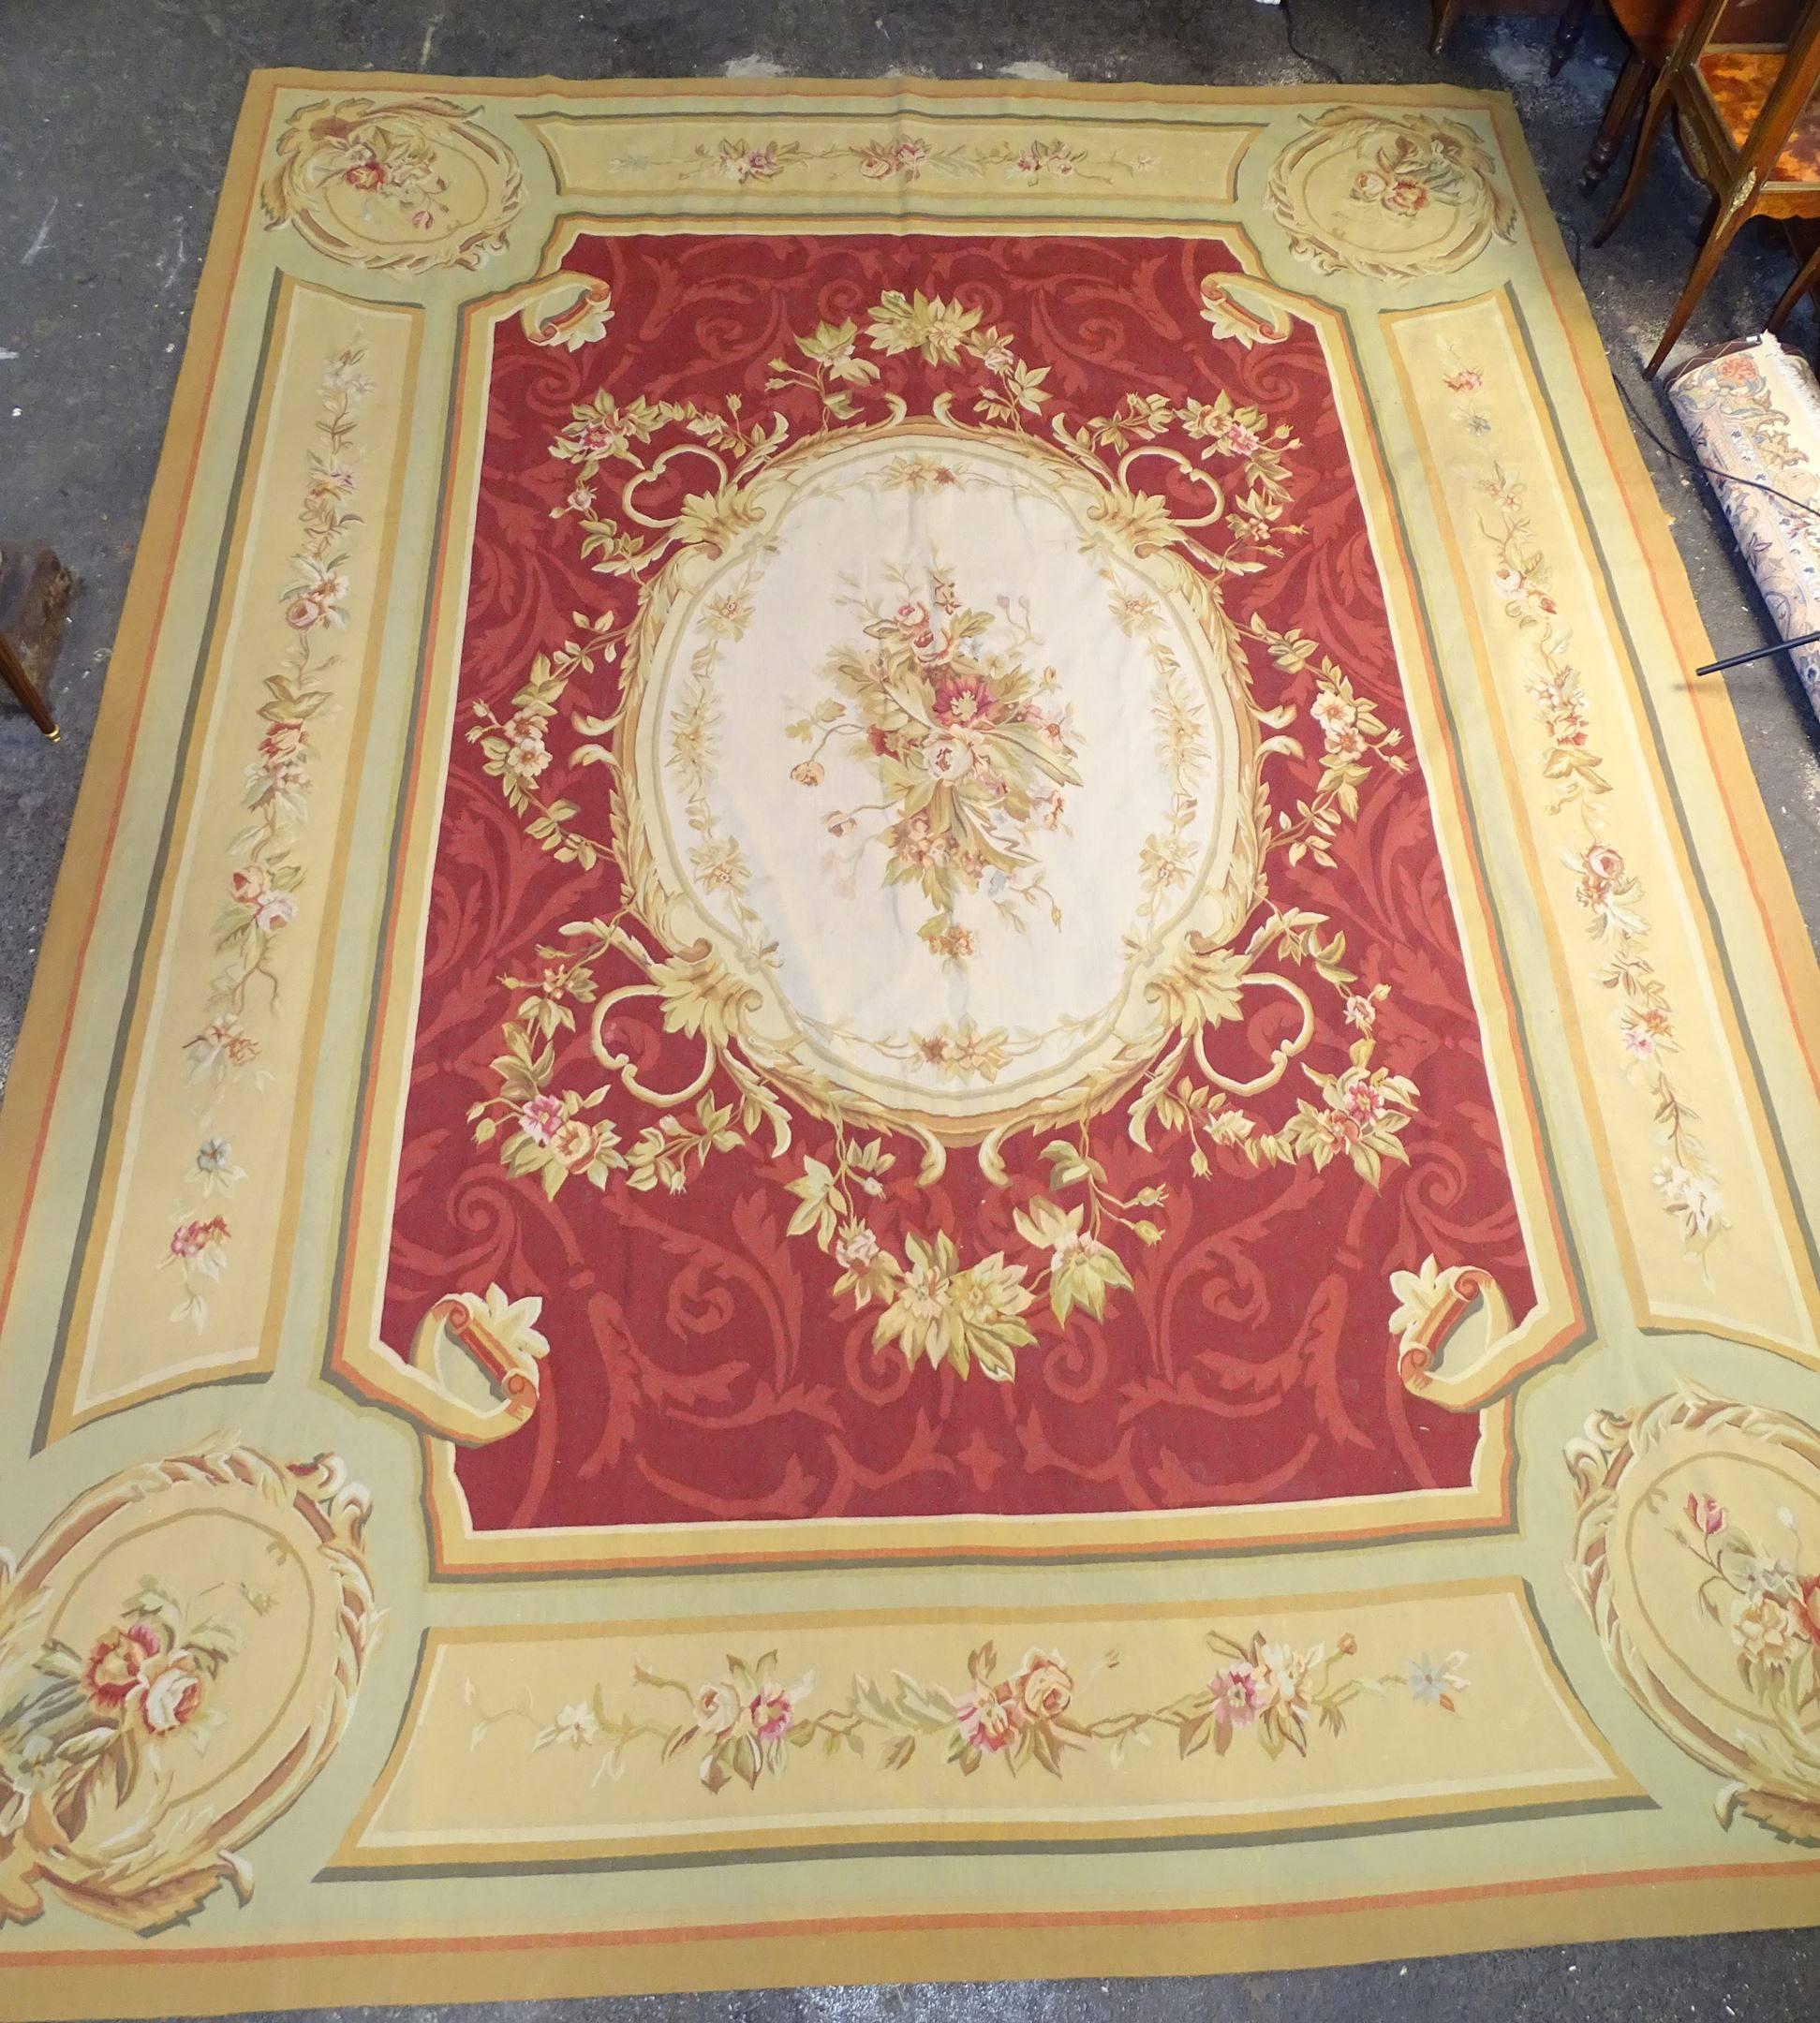 TOTIO Papier peint en marbre avec adh/ésif en marbre Jaune Marron 15,75 x 118,11